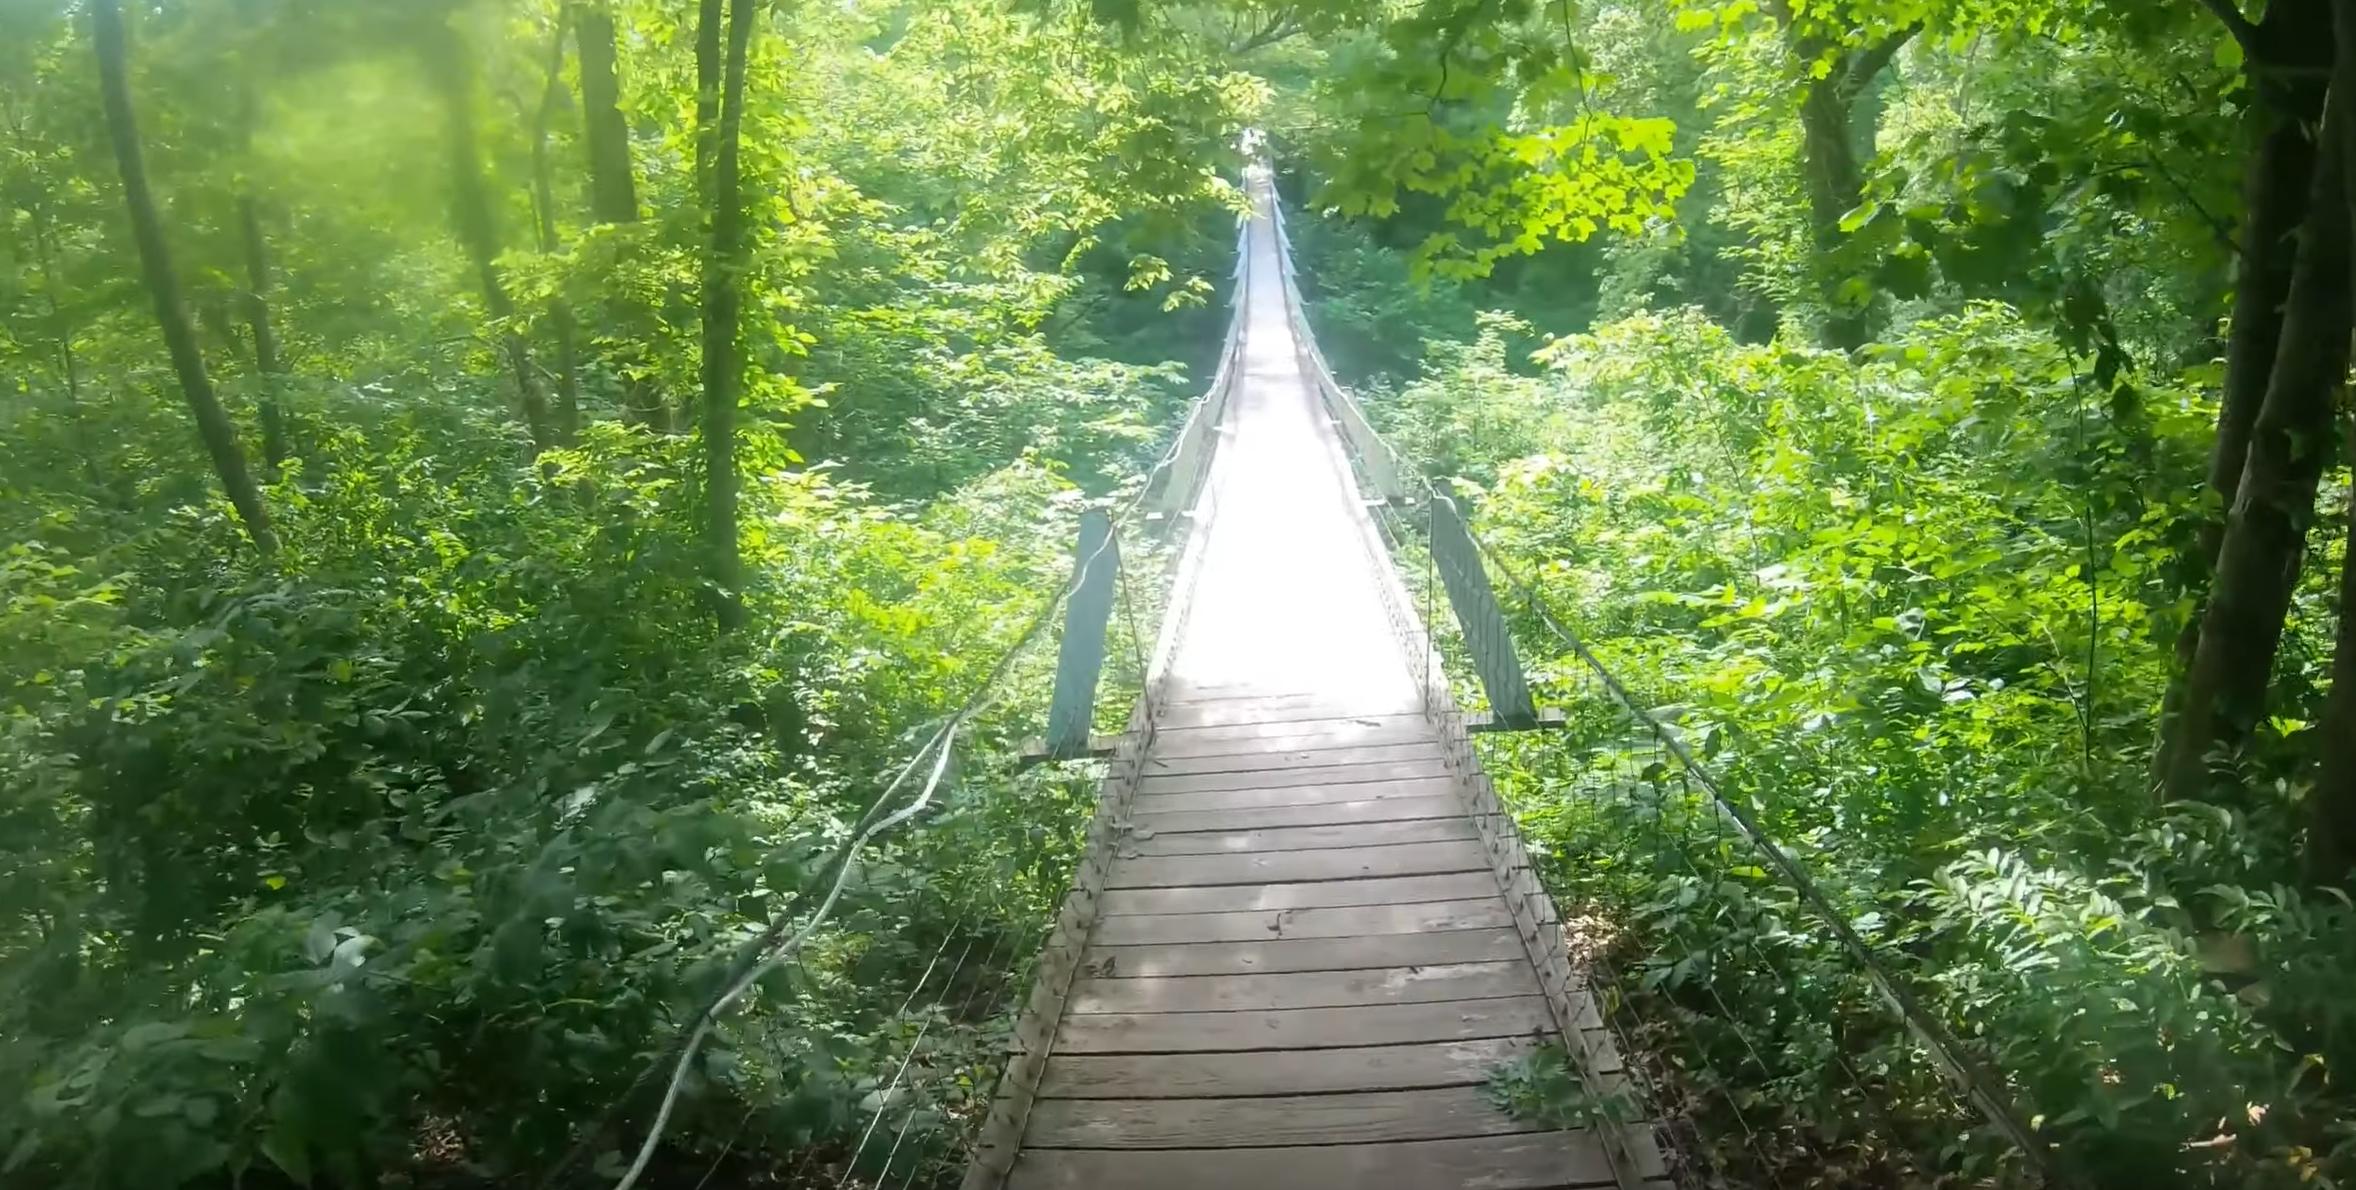 Lover's Leap Swinging Bridge in Iowa